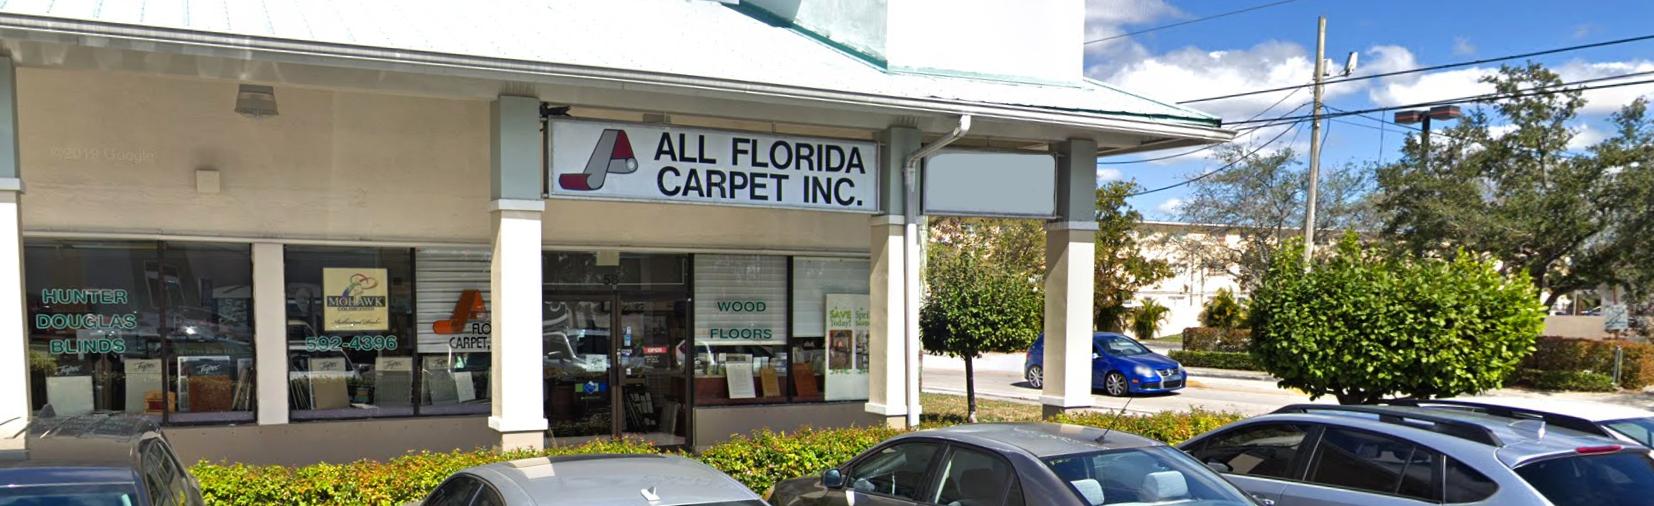 All Florida Carpet - 7921 SW 40th St Miami, FL 33155